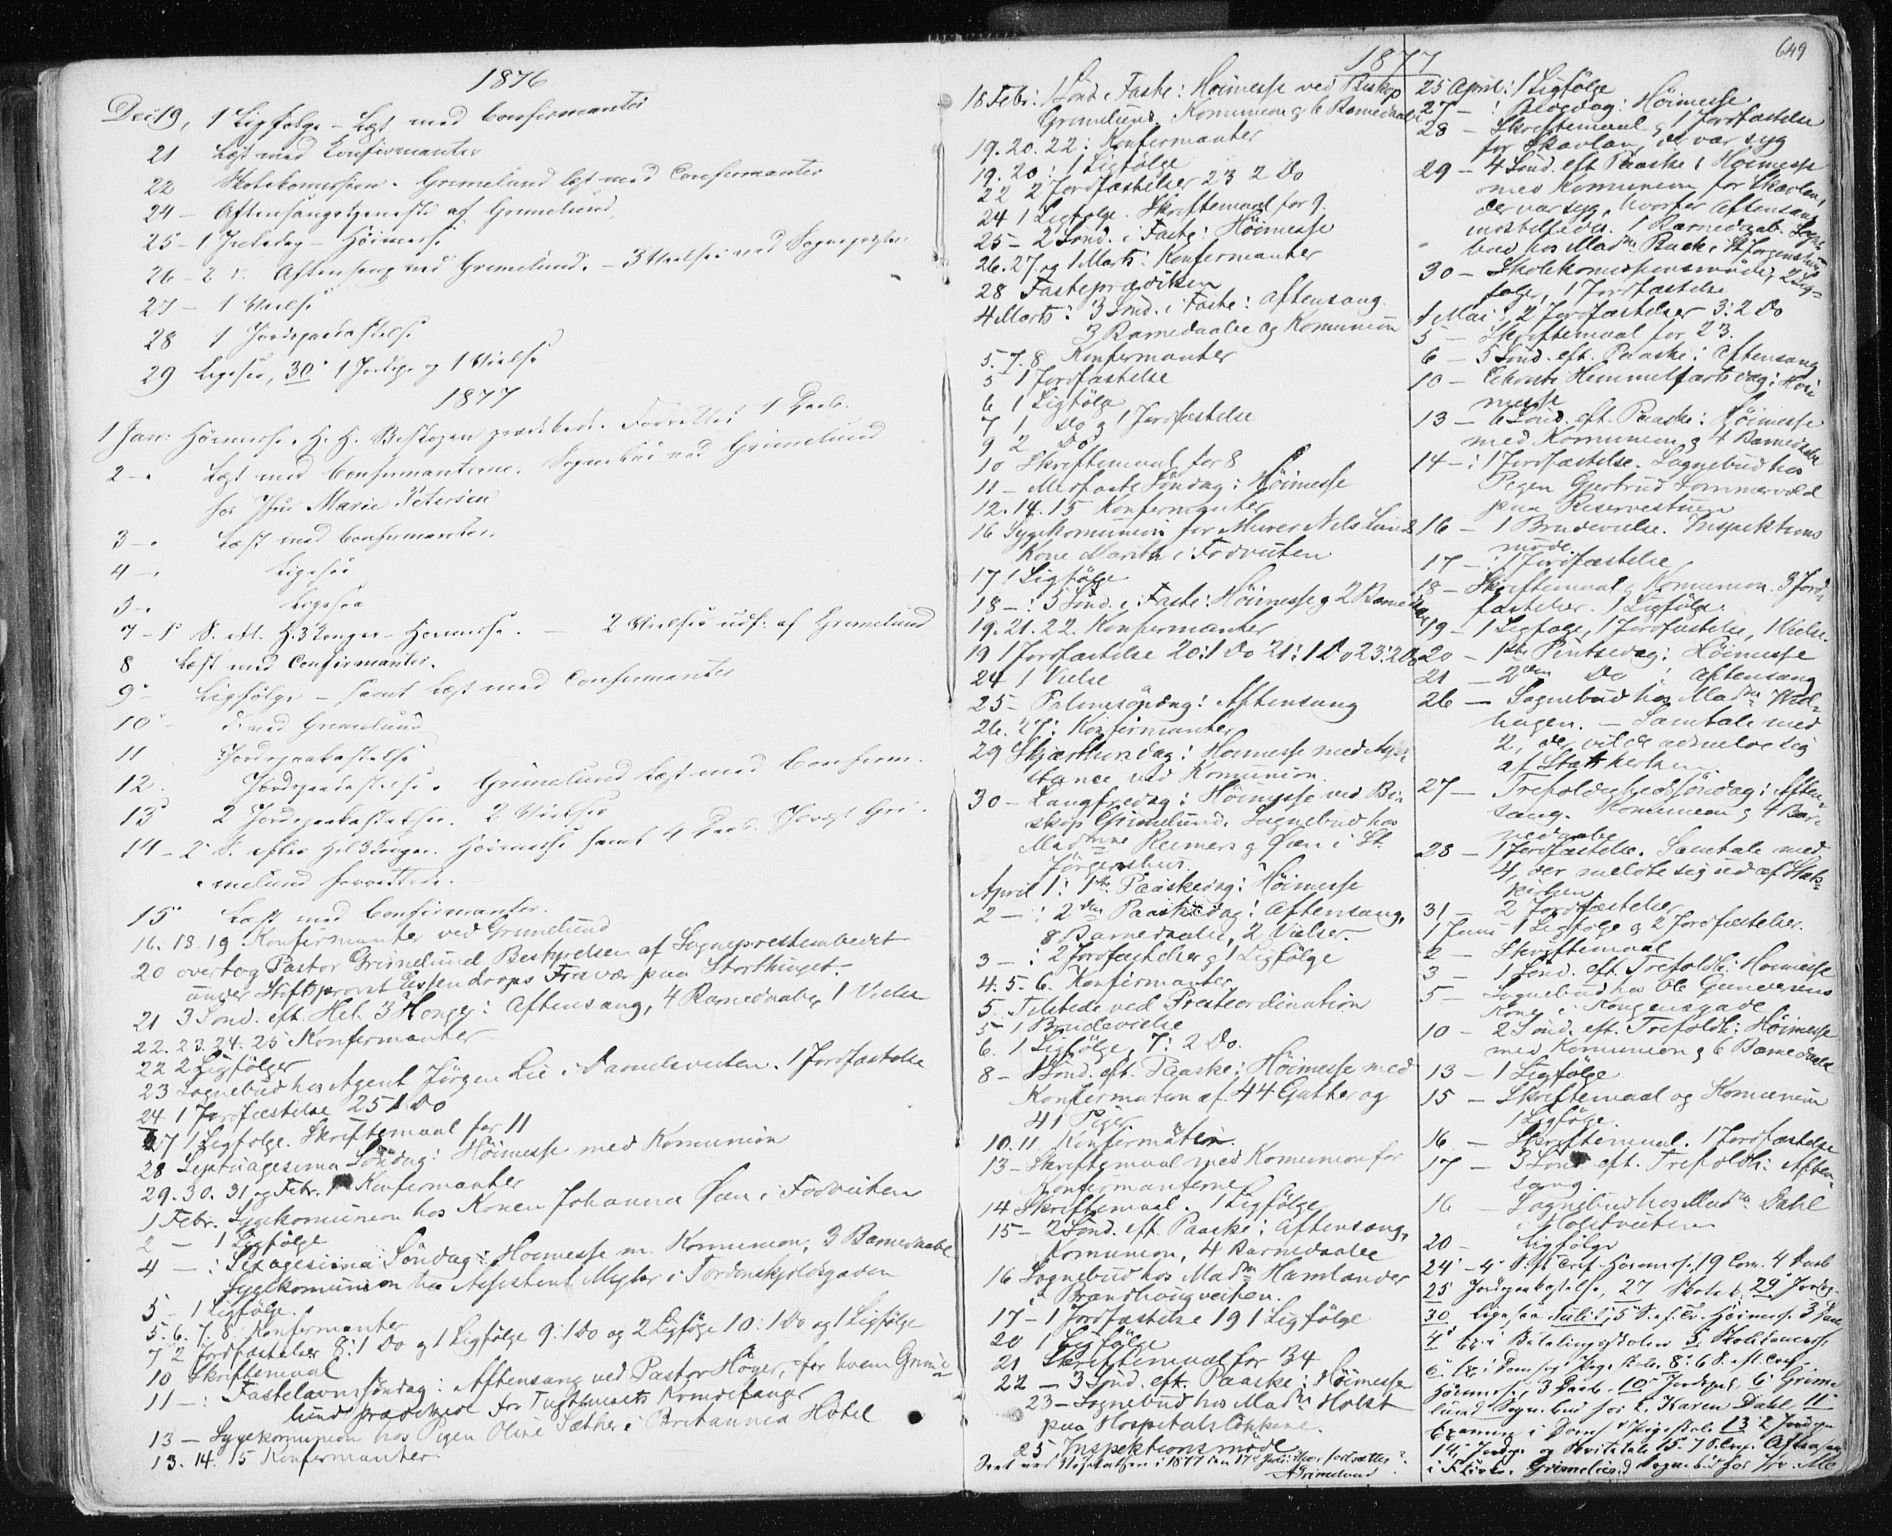 SAT, Ministerialprotokoller, klokkerbøker og fødselsregistre - Sør-Trøndelag, 601/L0055: Ministerialbok nr. 601A23, 1866-1877, s. 649